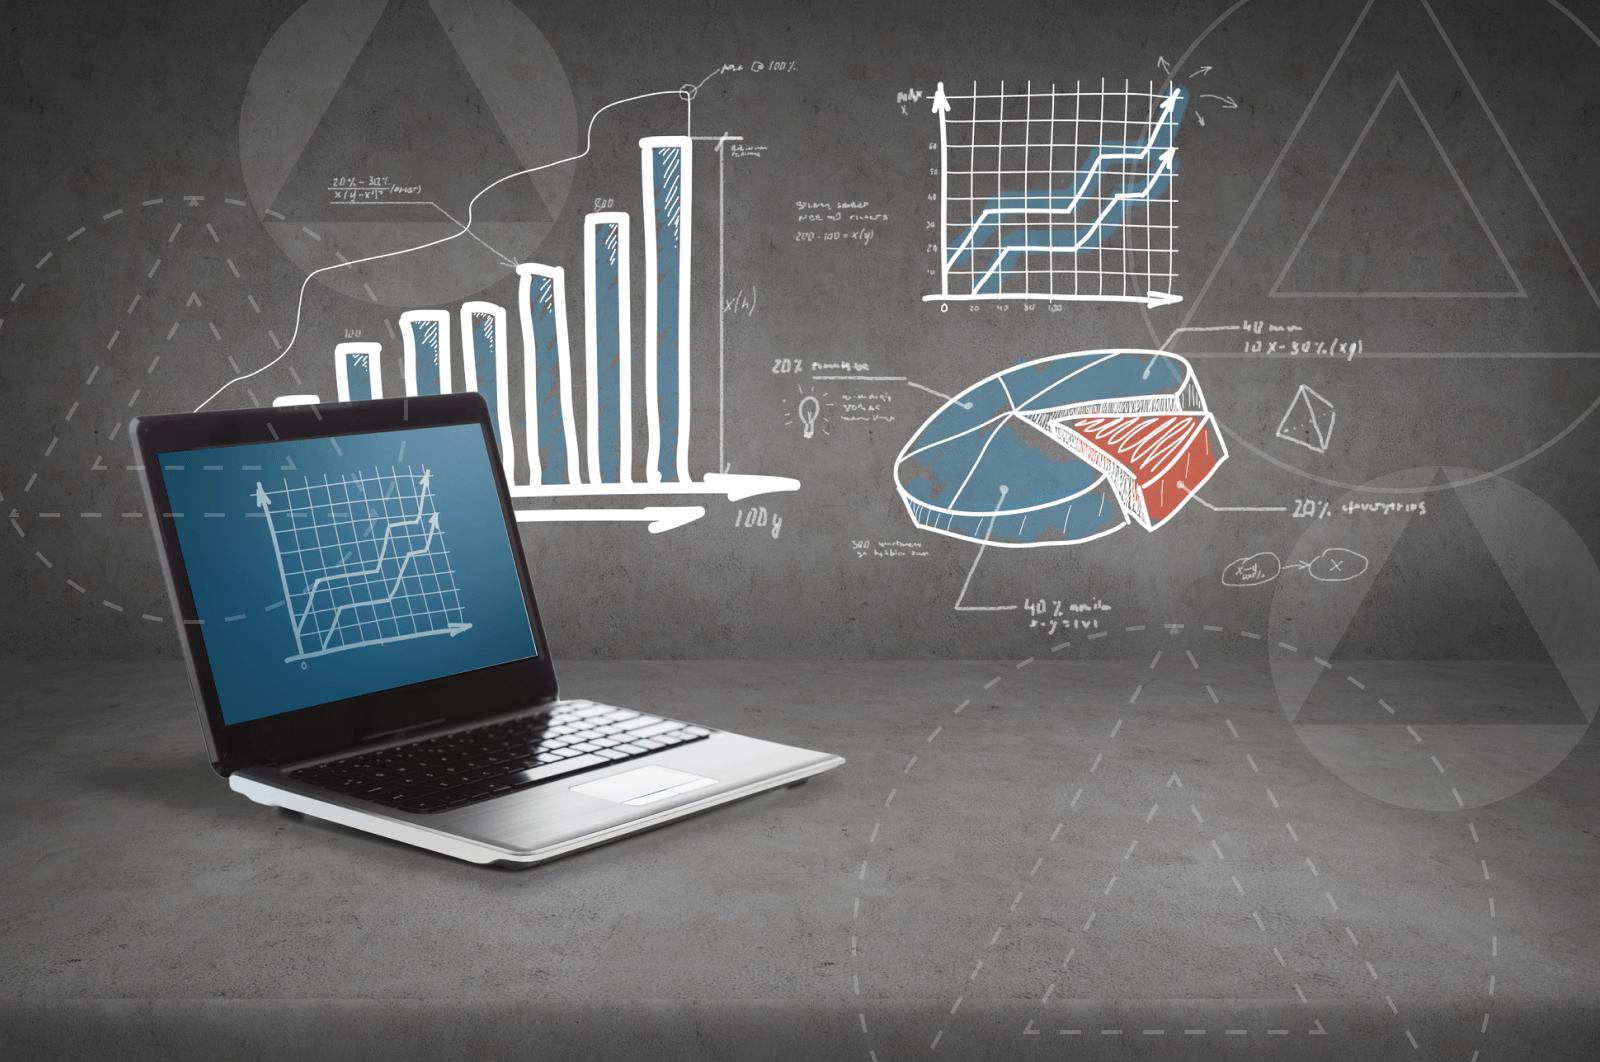 Рейтинг лучших онлайн курсов по аналитике на 2021 год